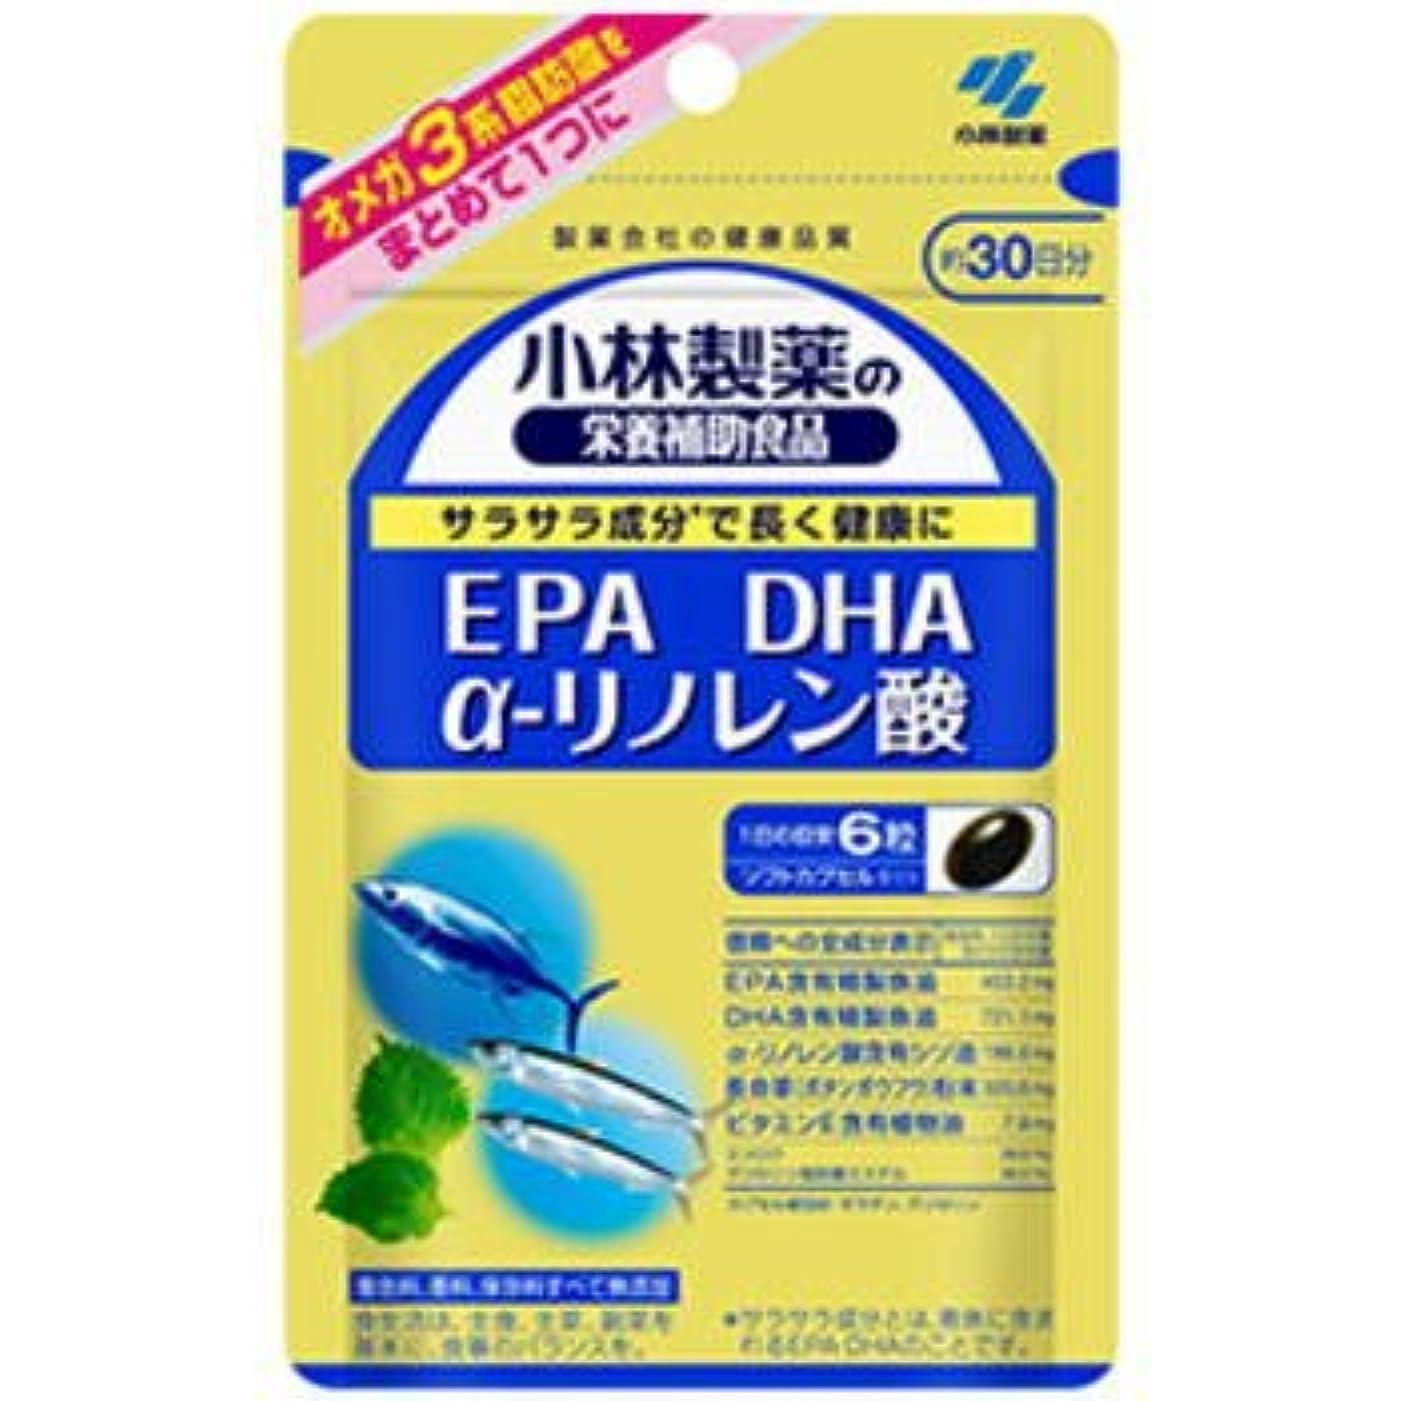 名門ヒープチョーク小林製薬 EPA DHA α-リノレン酸 180粒【ネコポス発送】